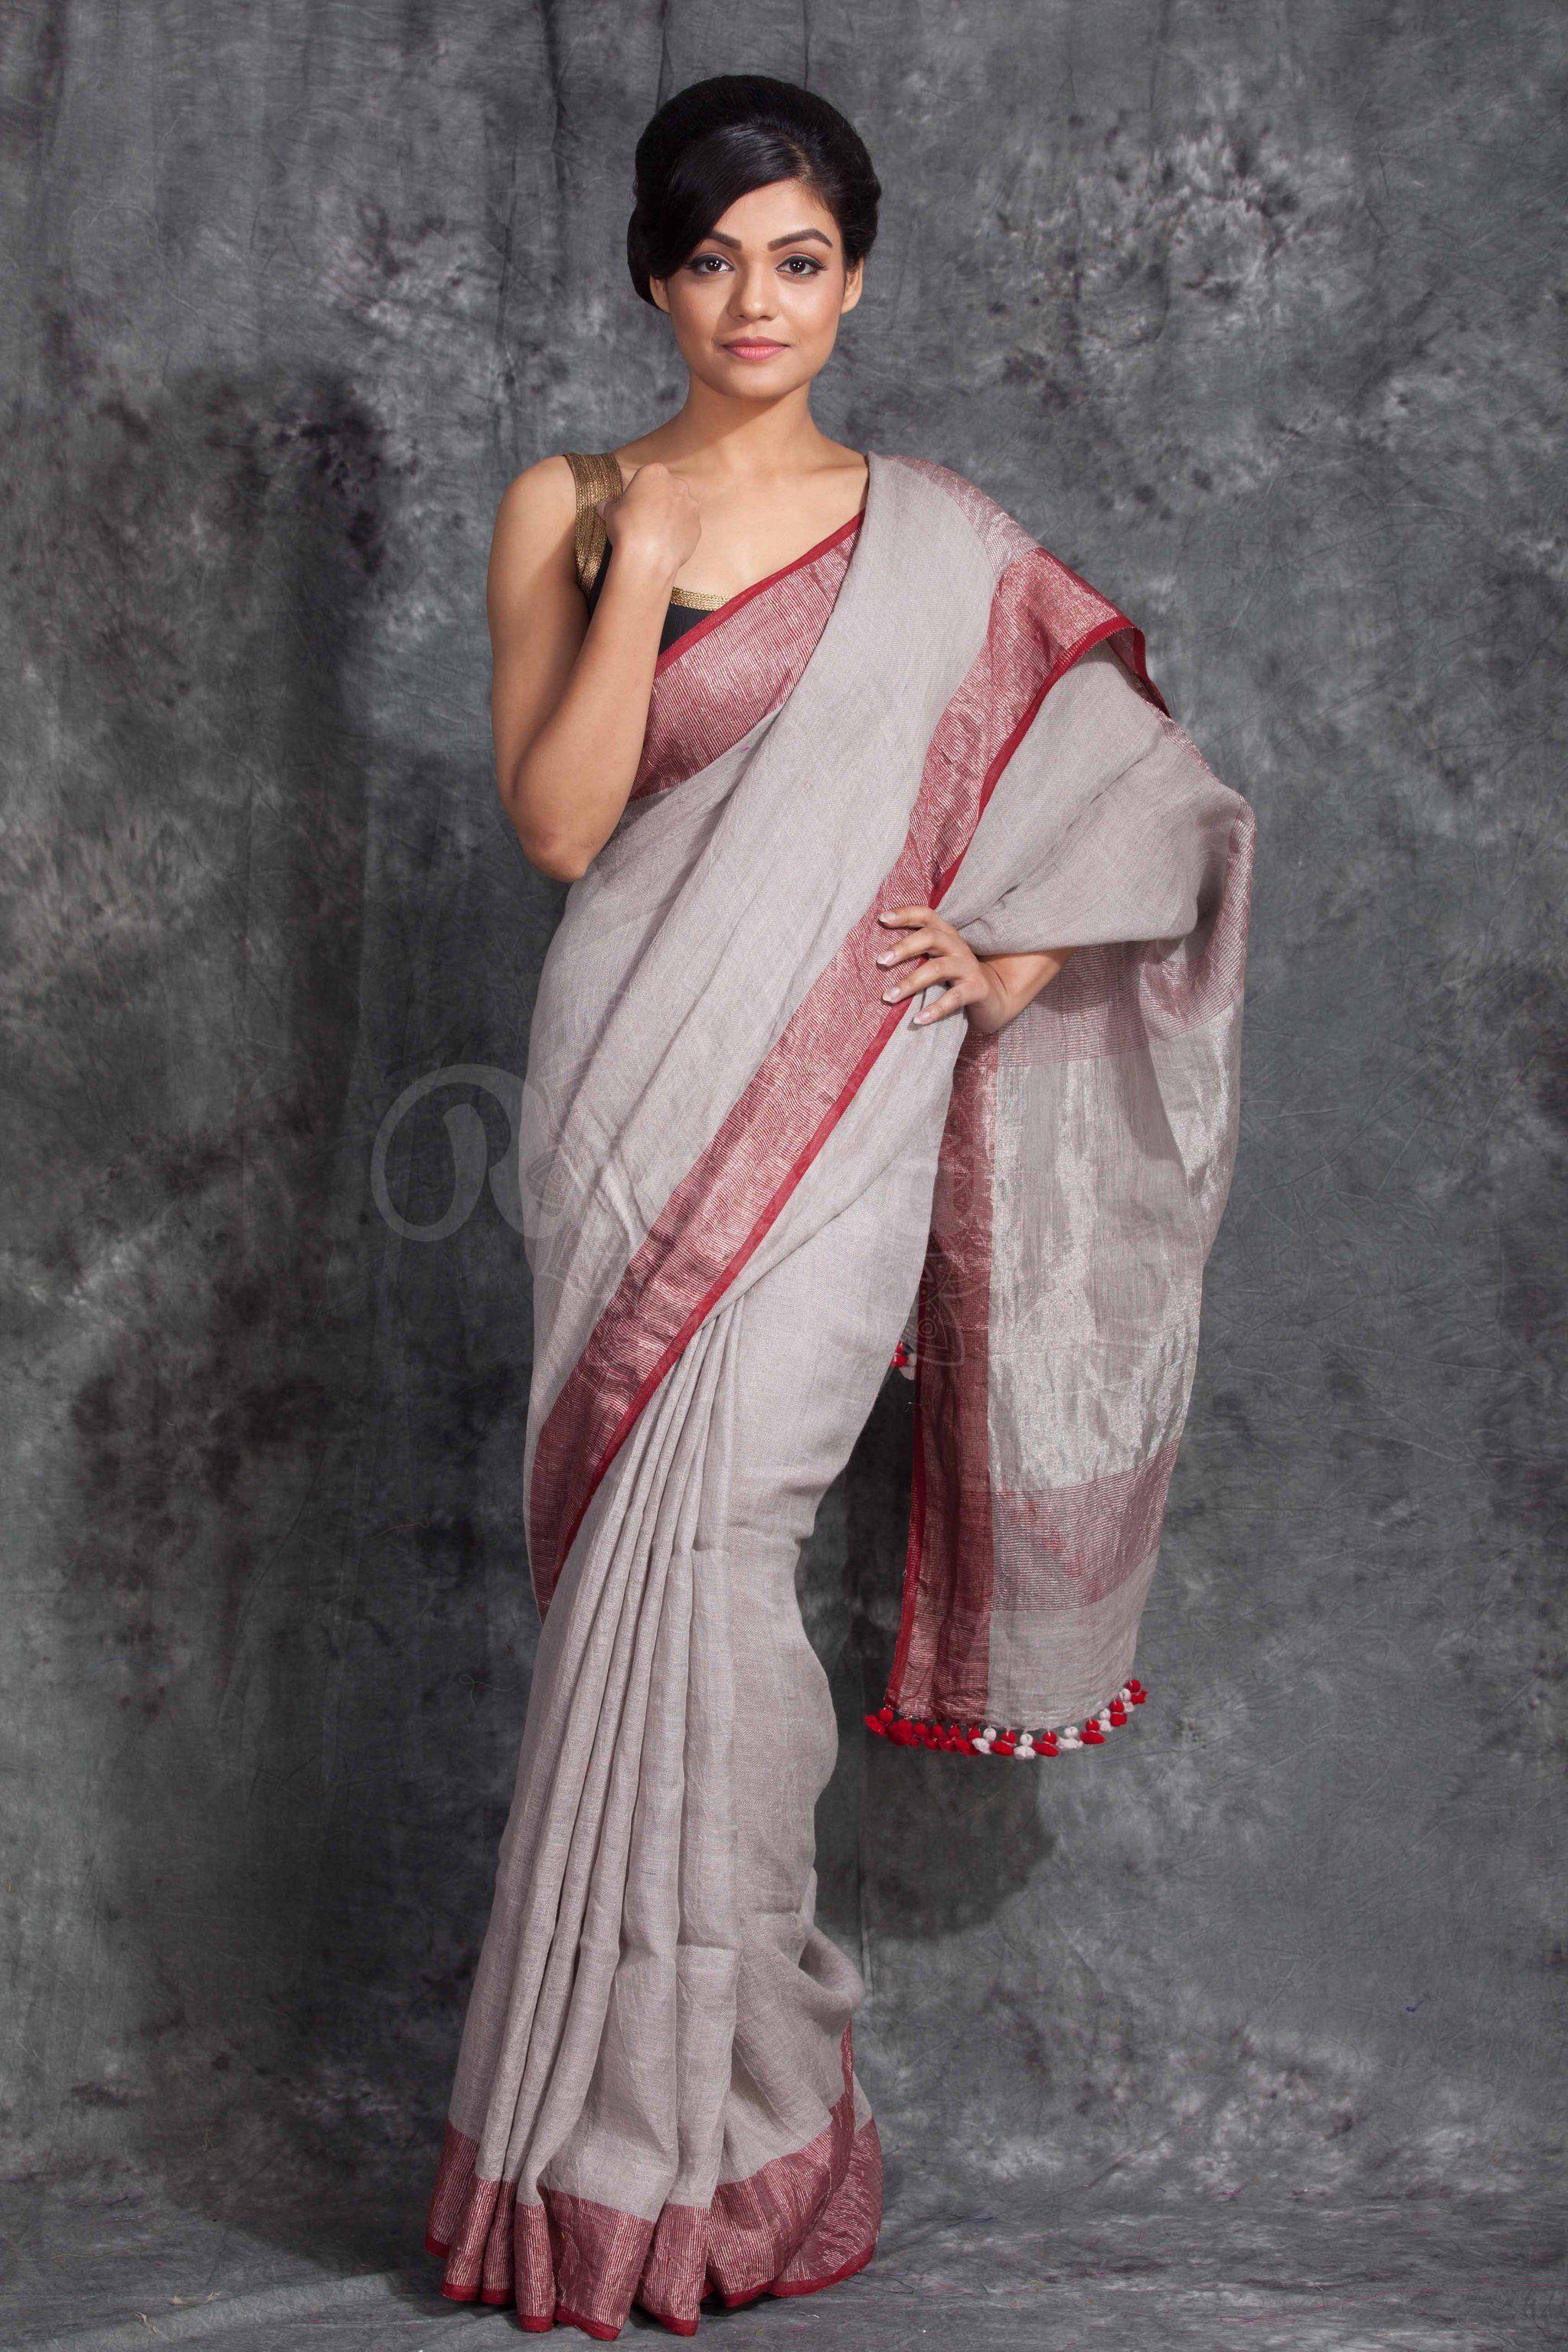 Original Linen saree and blouse for women,wedding saree,indian saree,sari,designer saree,sarees,traditional saree,saris white saree